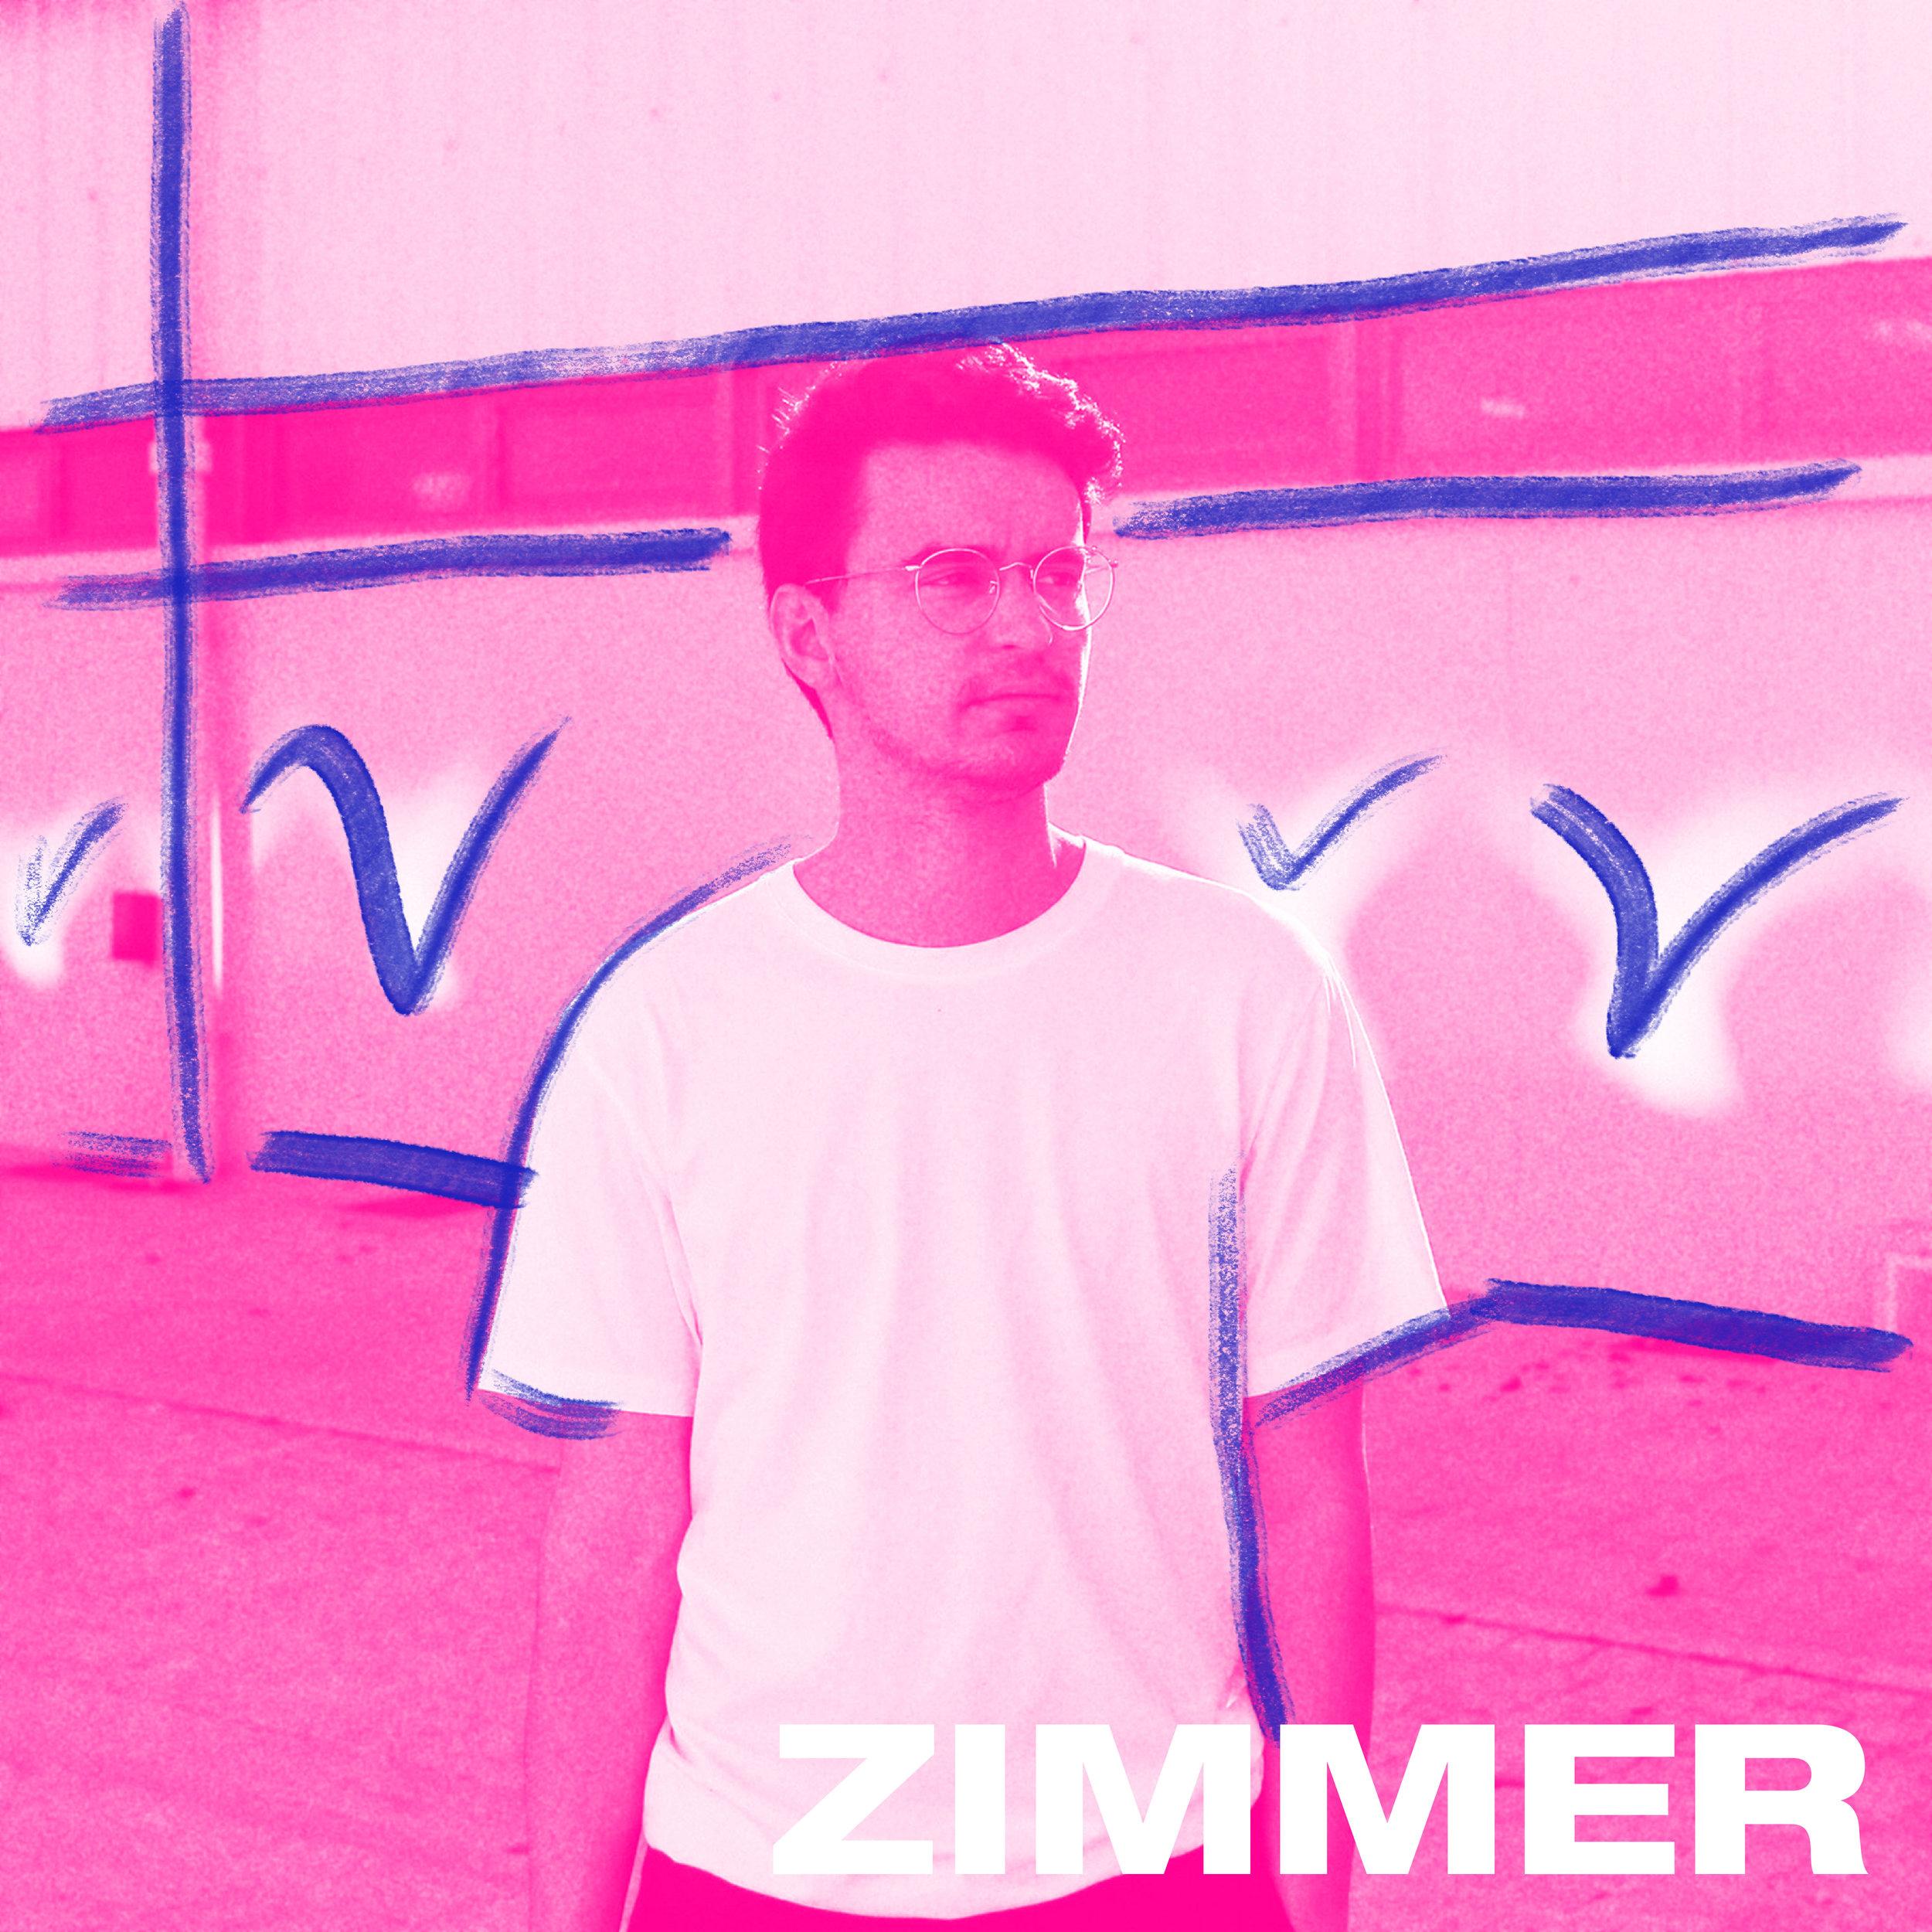 Med sin tropiske twist på house og disko har Zimmer gjort et tydelig inntrykk. Produsenten fra Paris henter fram både kjærlighetens by og California i musikken, med feel-good rytmer og drømmende lydlandskaper.